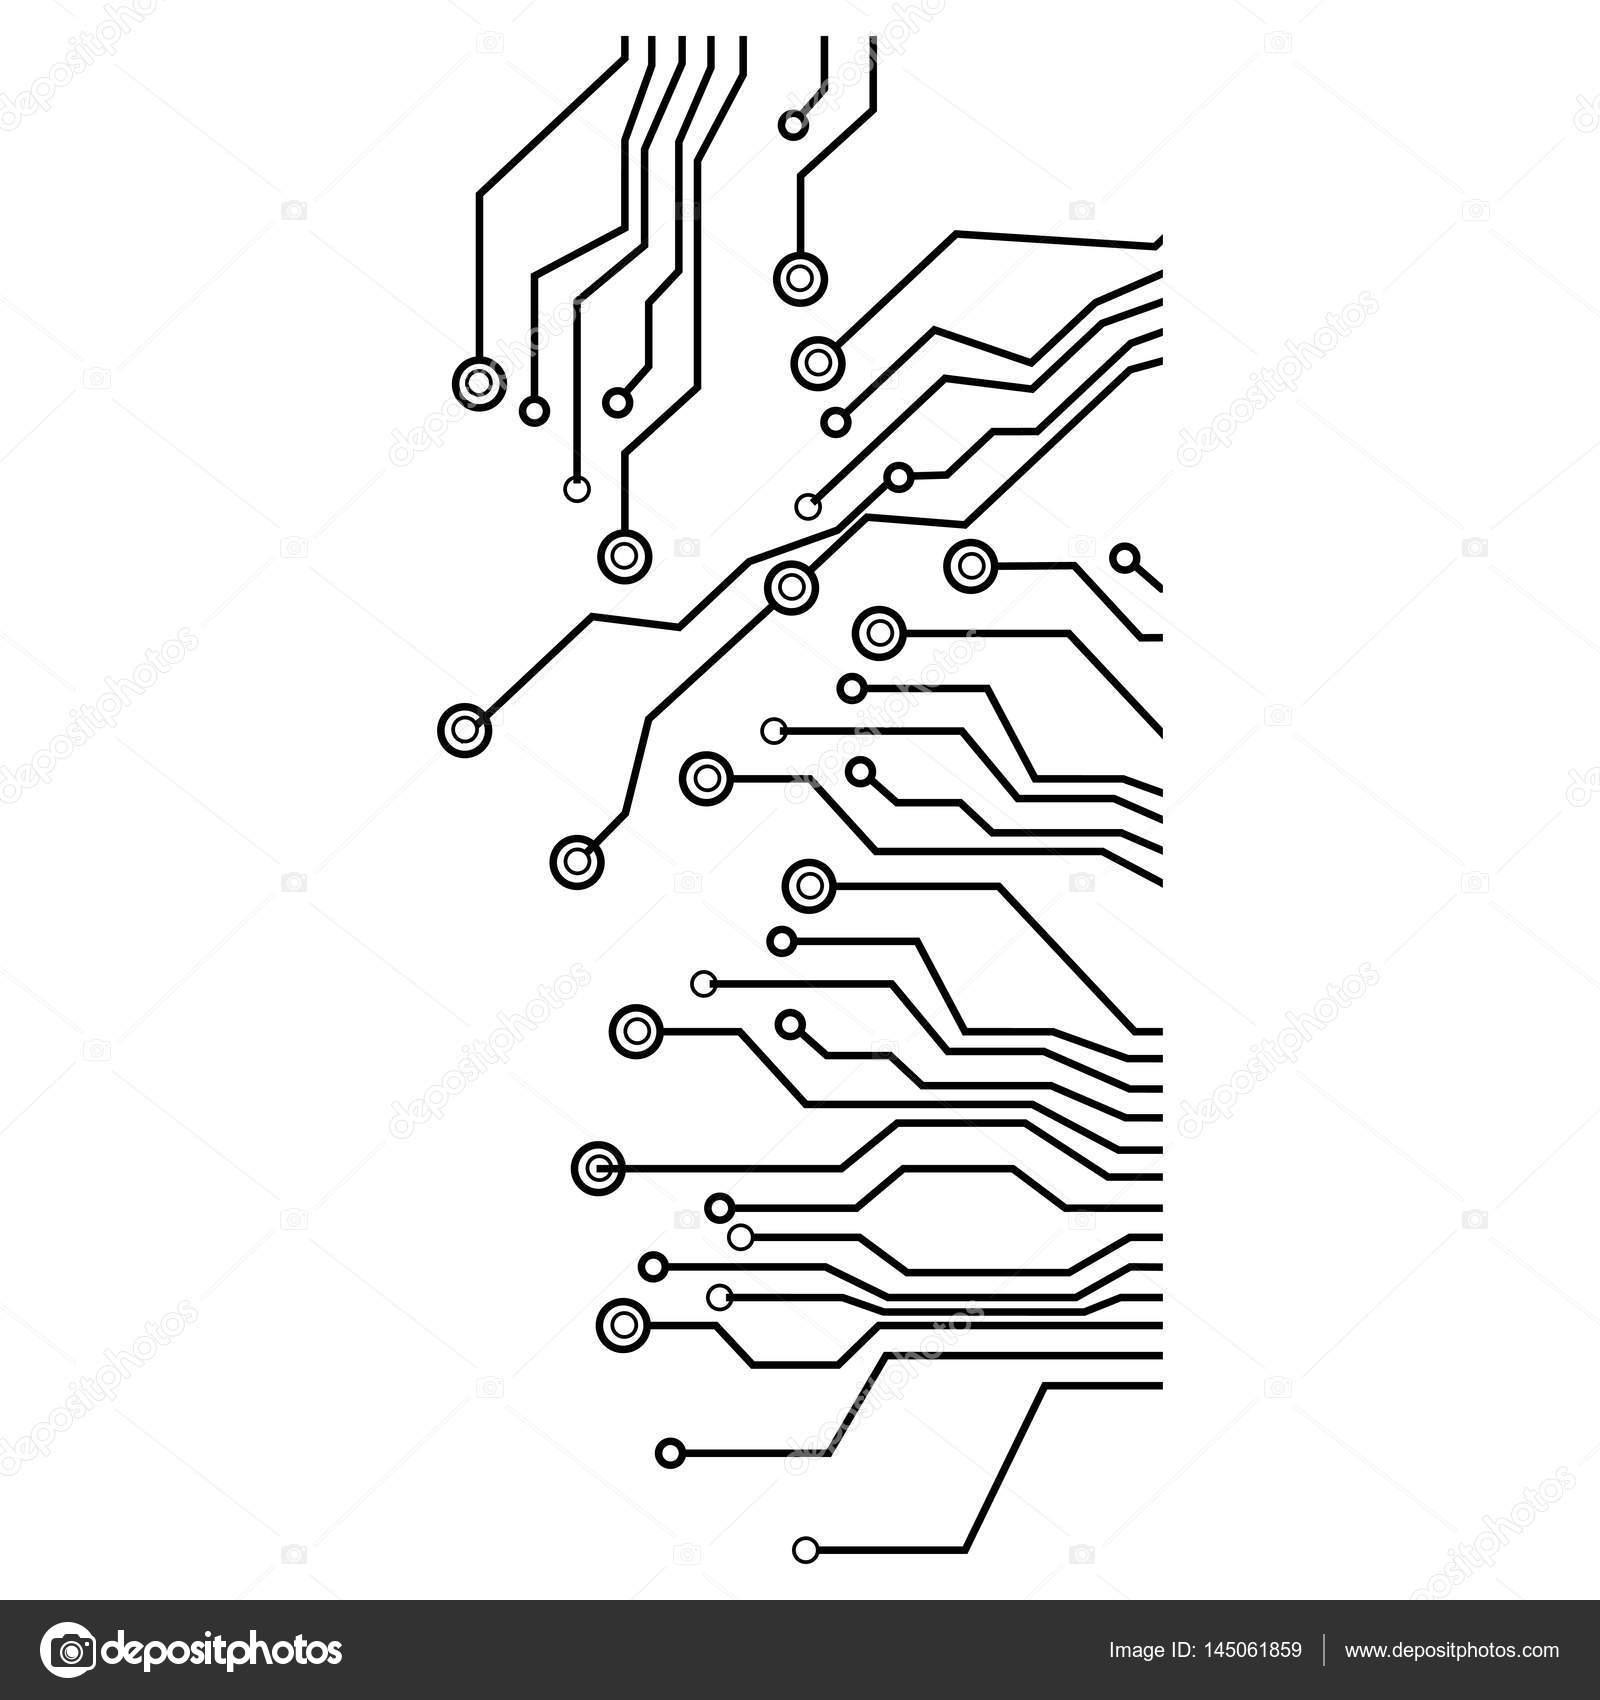 icono de circuitos el u00e9ctricos de figura  u2014 archivo im u00e1genes vectoriales  u00a9 grgroupstock  145061859